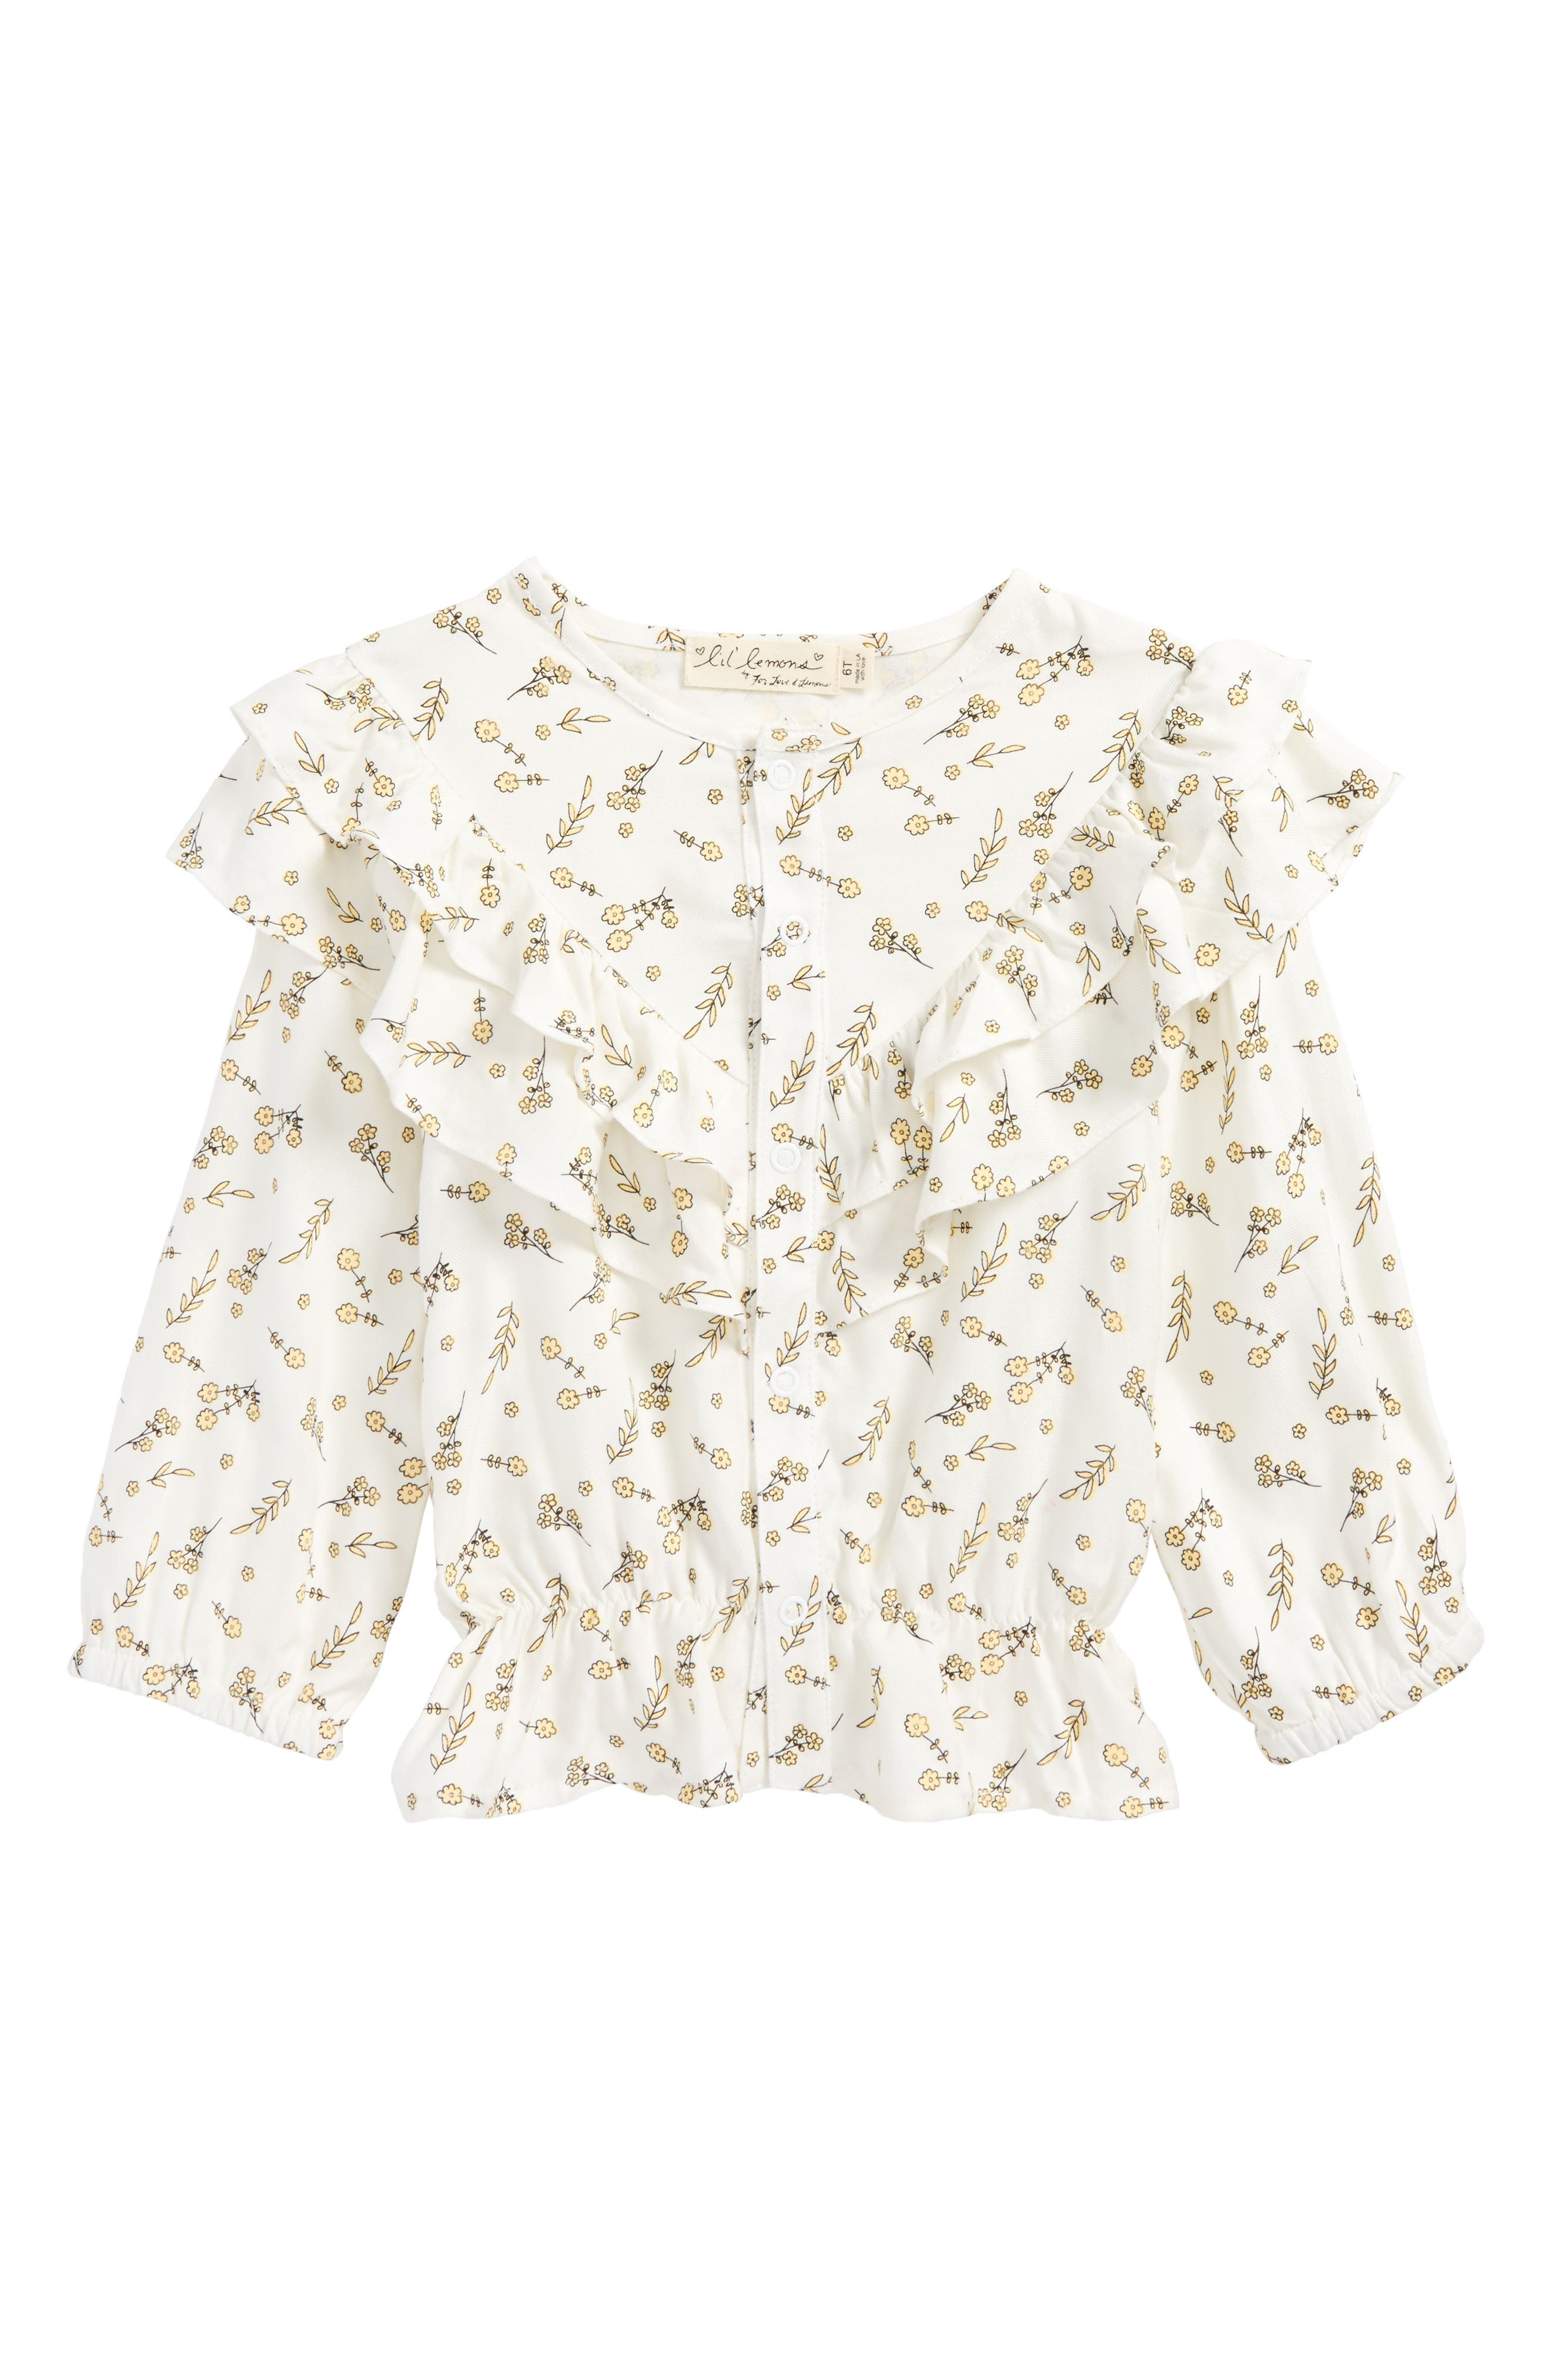 Alternate Image 1 Selected - For Love & Lemons Floral Blouse (Toddler Girls & Little Girls)